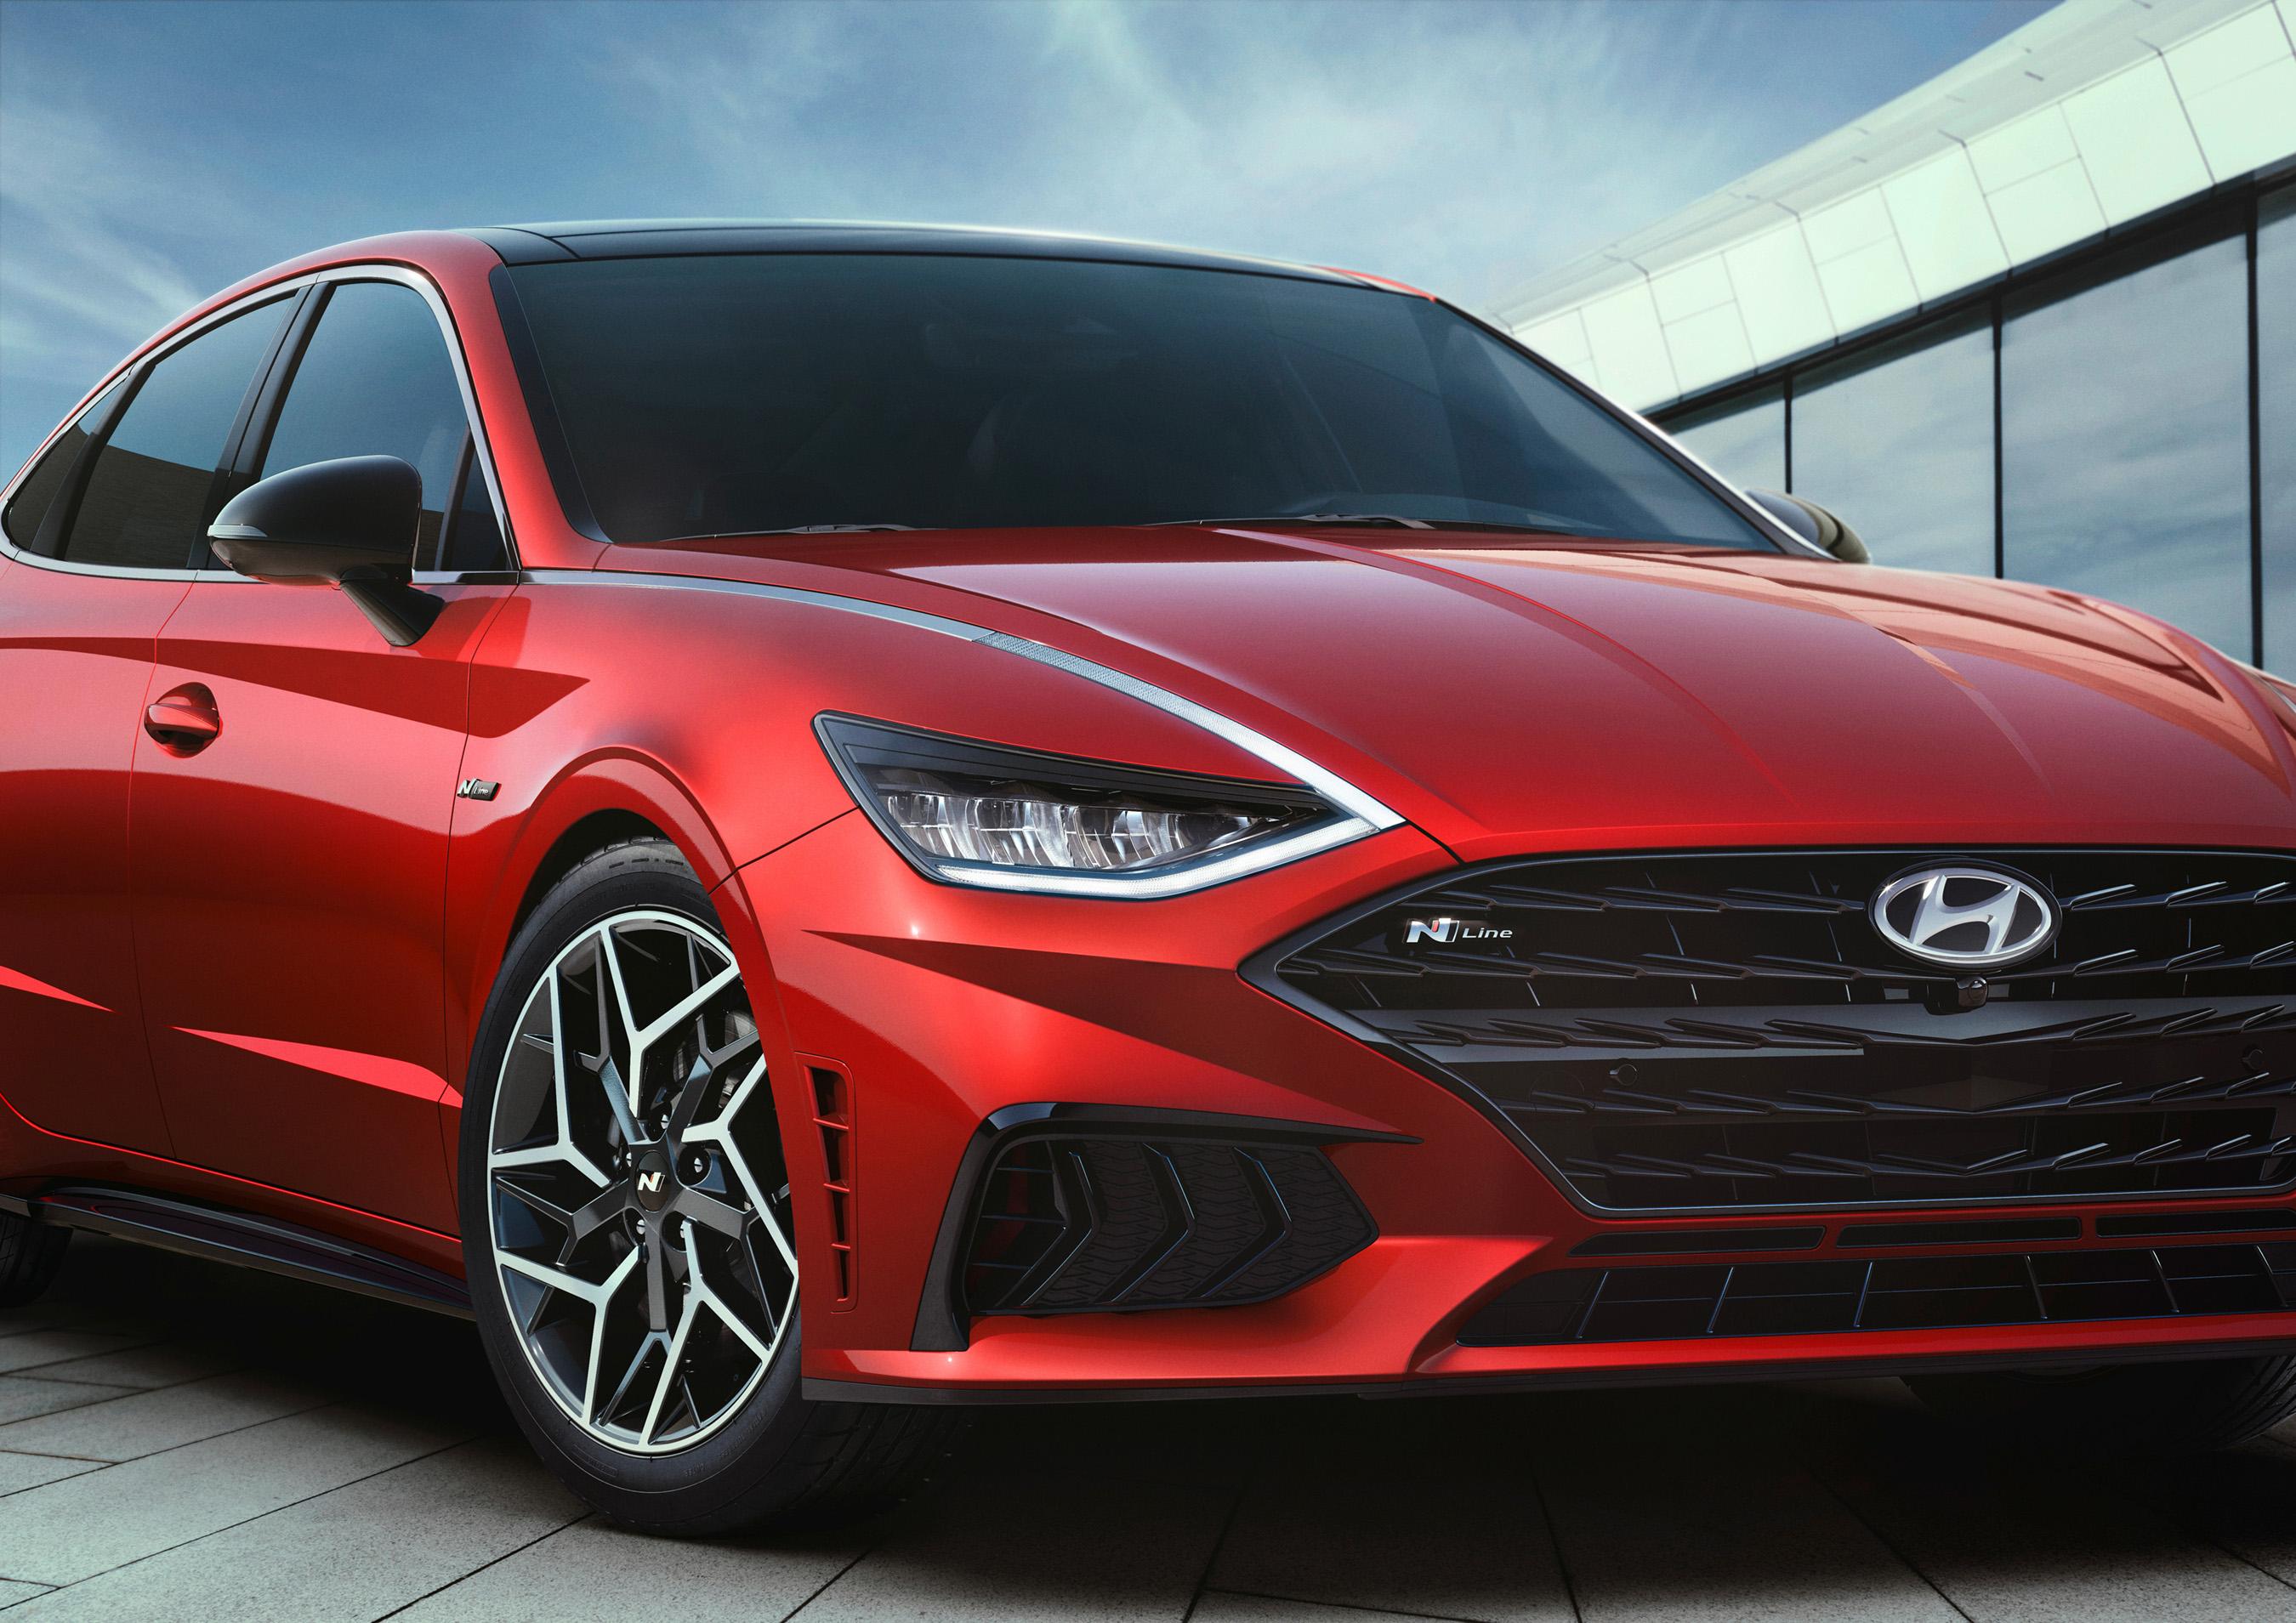 Hyundai's Sonata N Line Gets a High-Performance Look